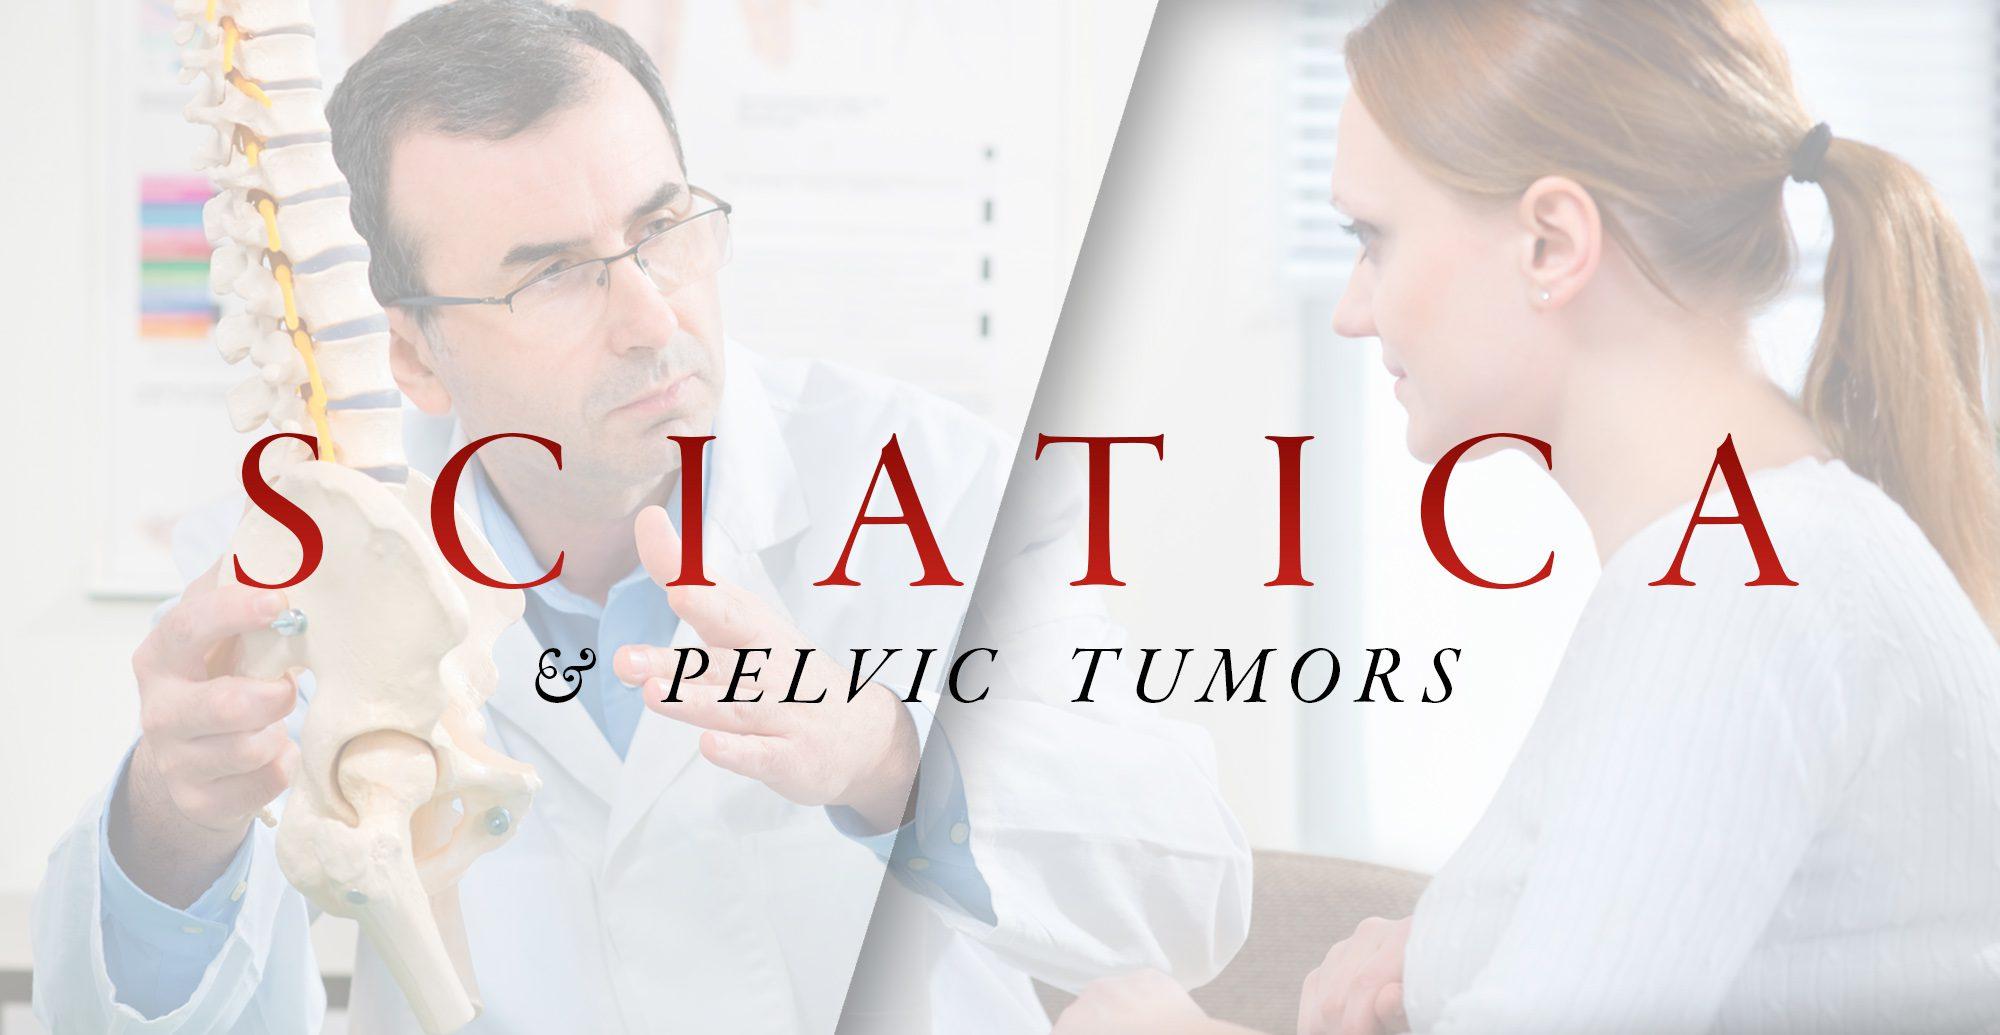 Sciatica e tumori pelvici | Chiropratico di El Paso, TX